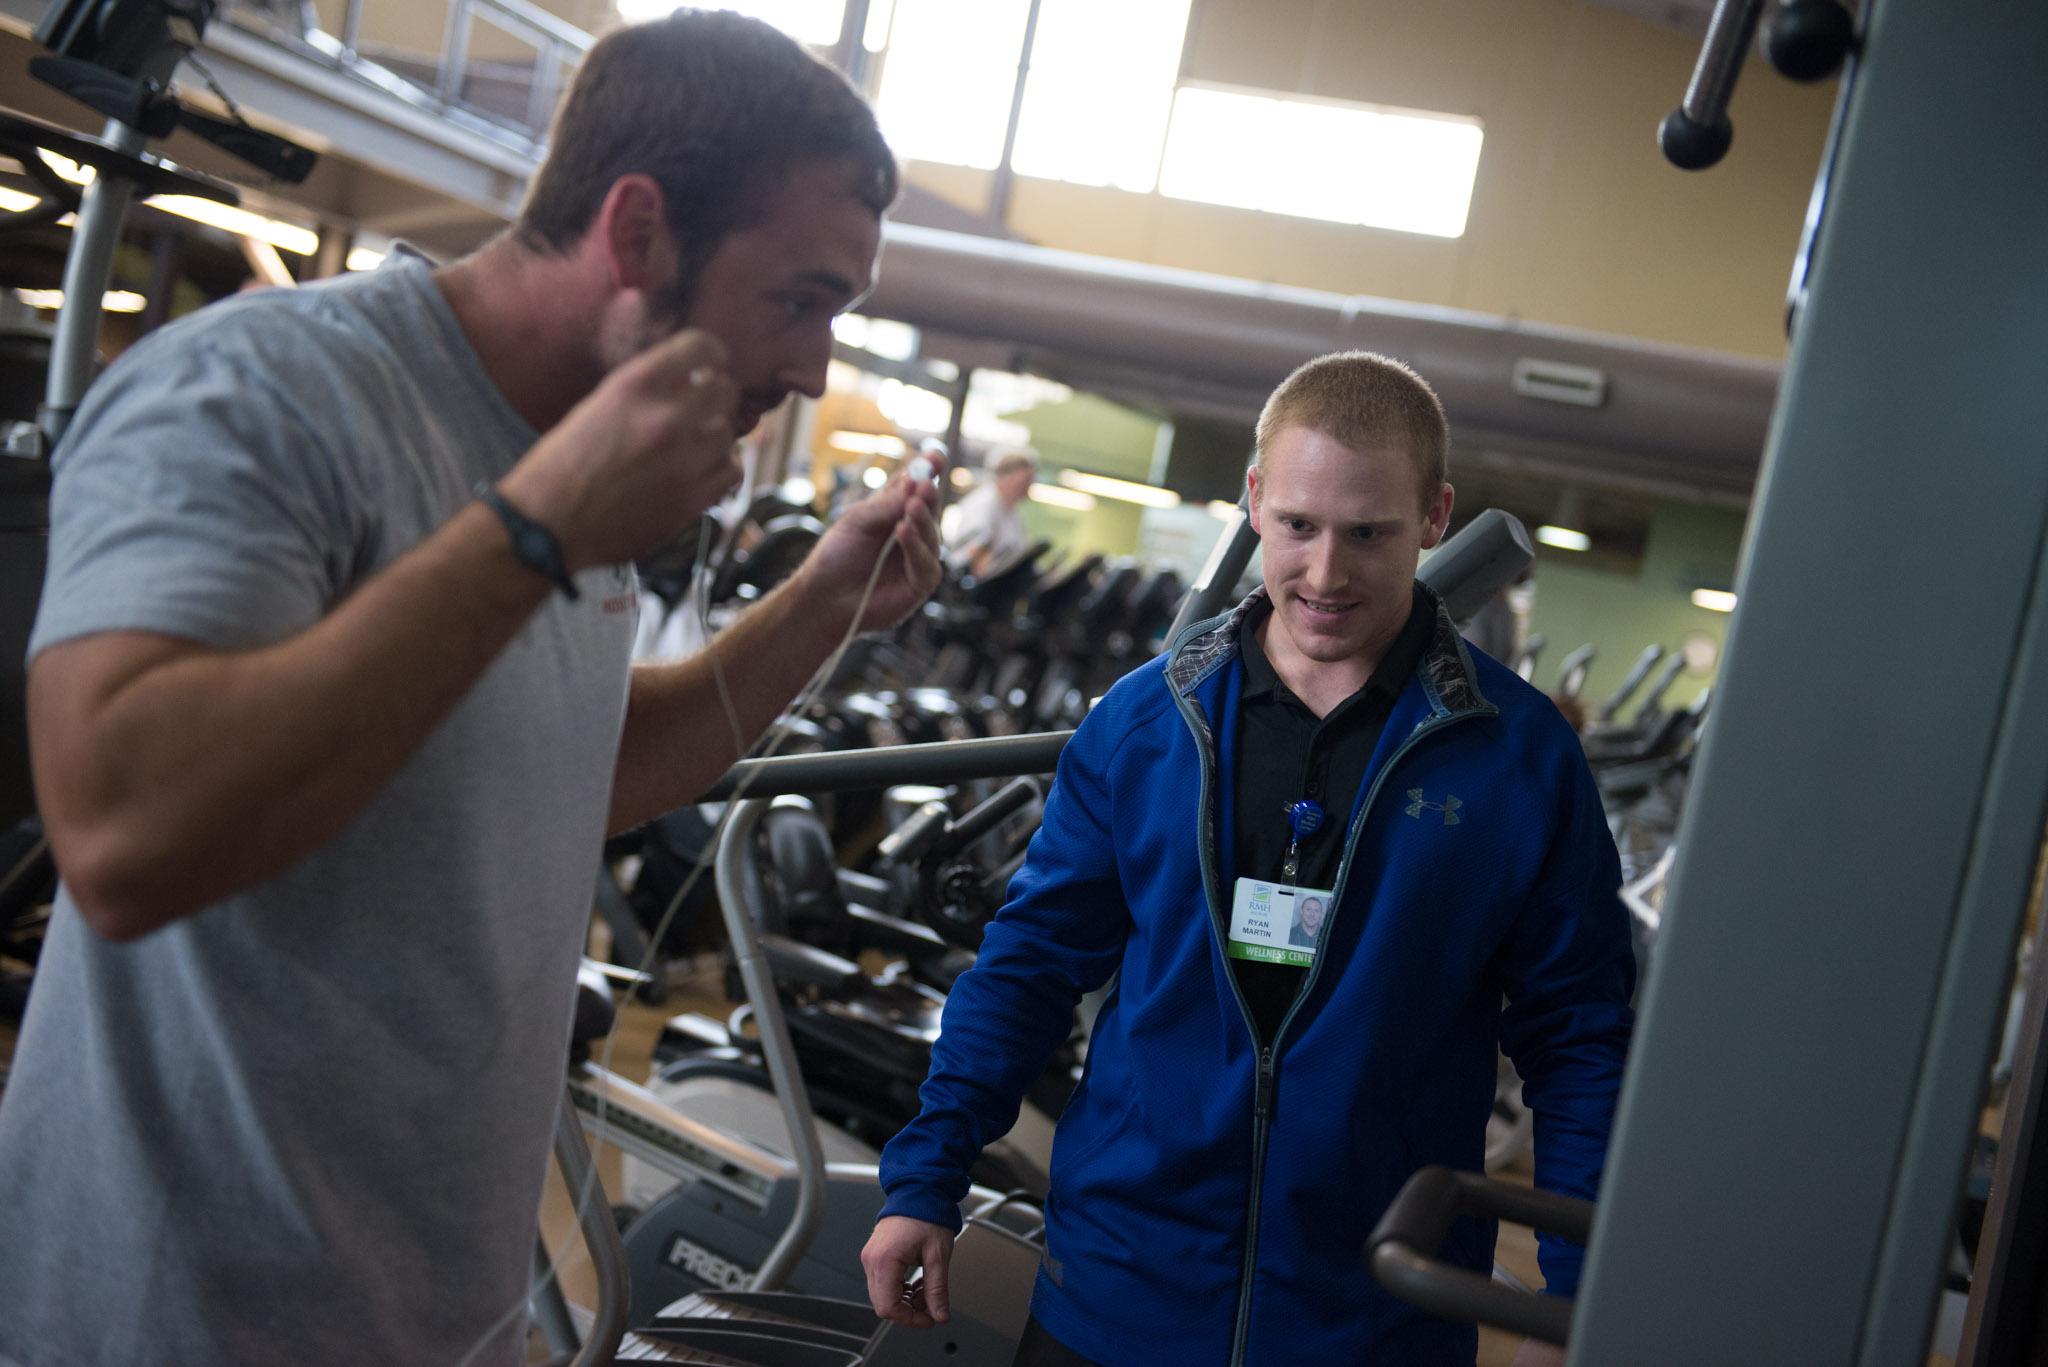 Wellness Center Stock Photos-1411.jpg